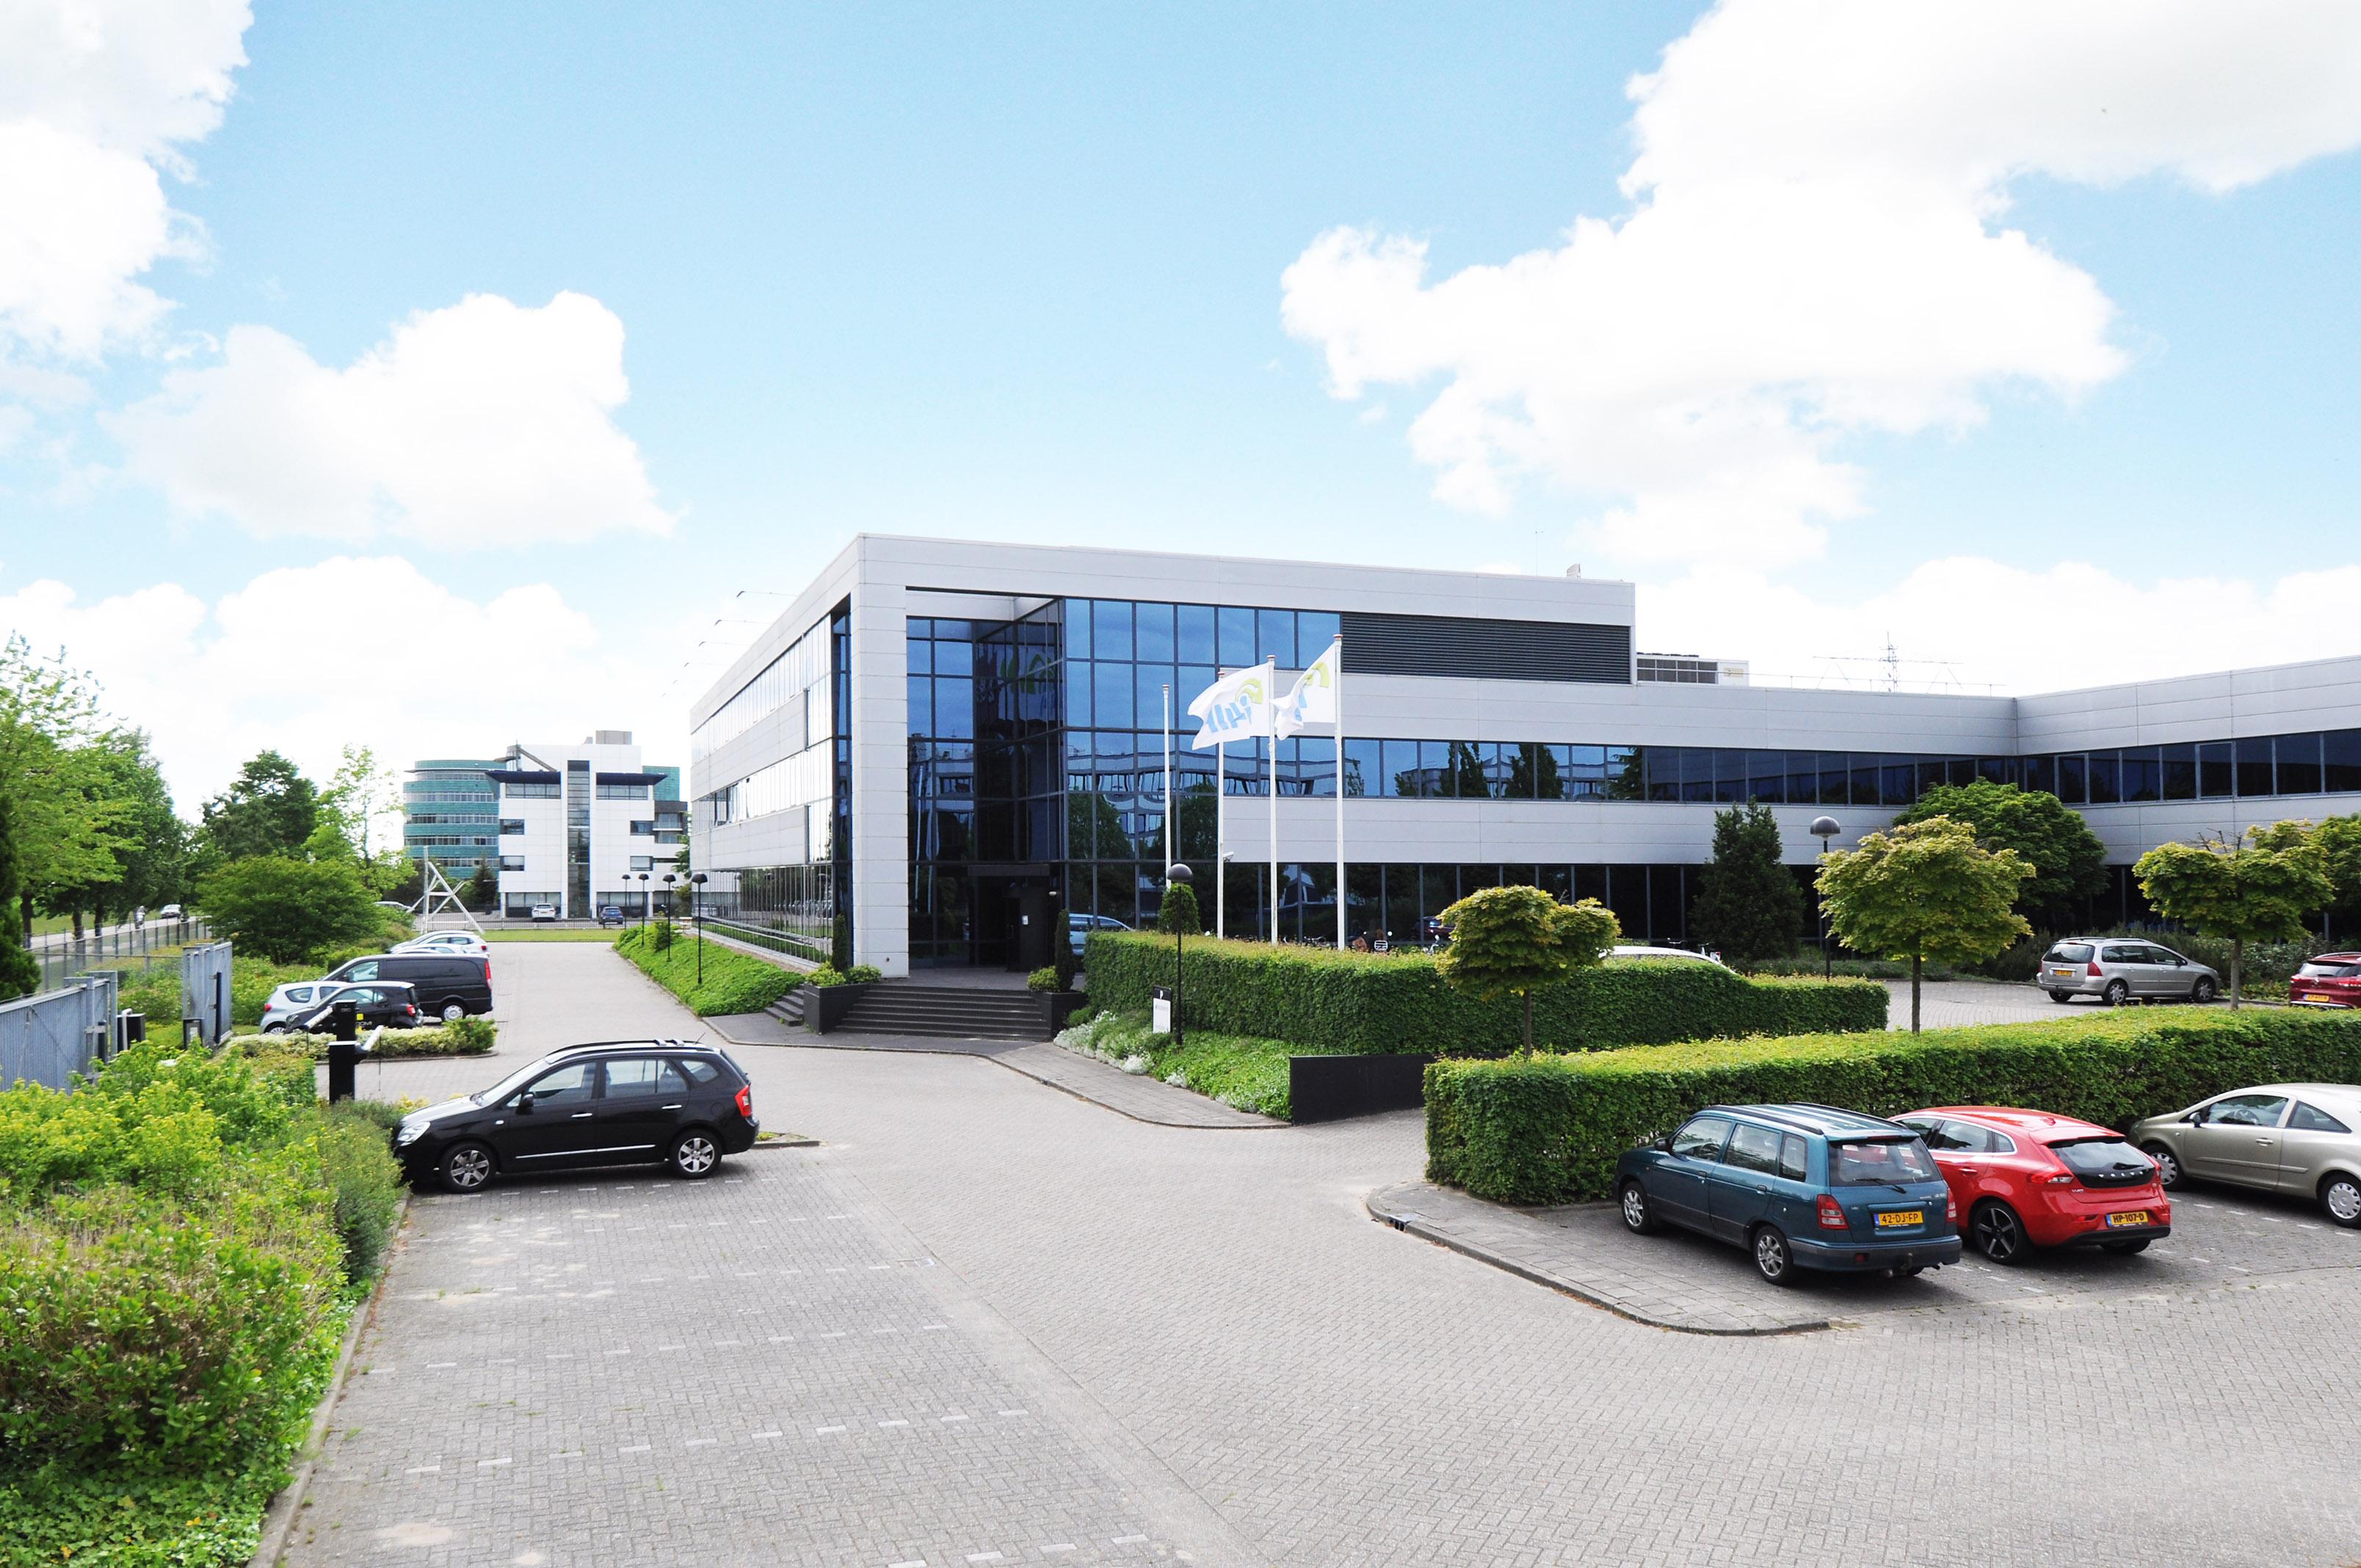 Nedstede verhuurt 822 m² kantoorruimte aan ASM Europe en Dorivit